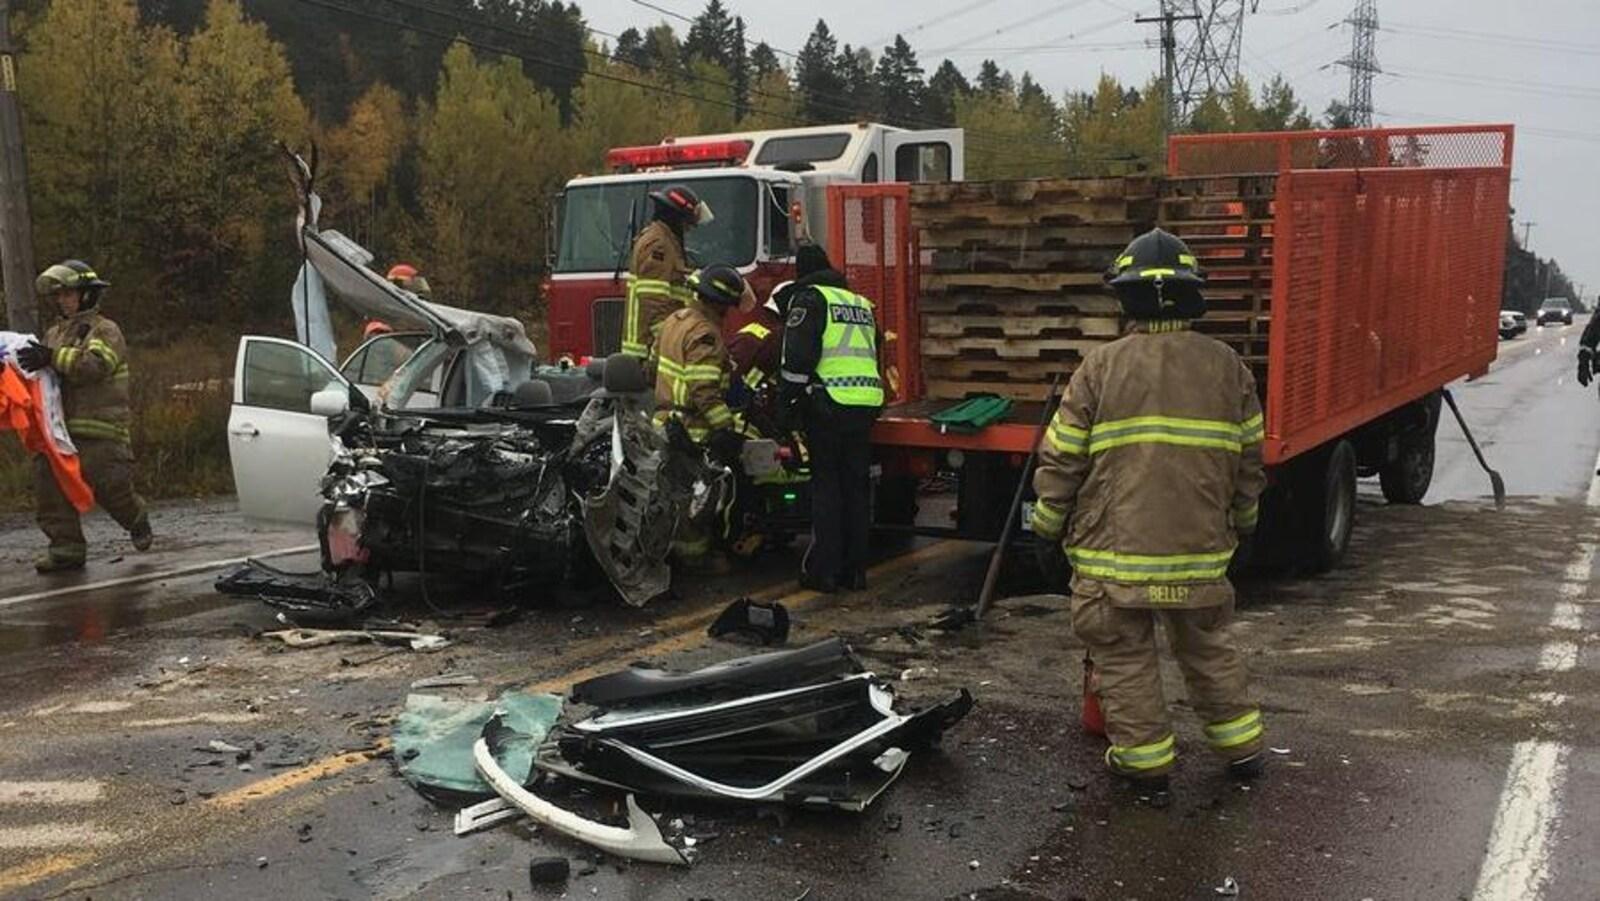 Des pompiers s'affairent autour du véhicule accidenté.